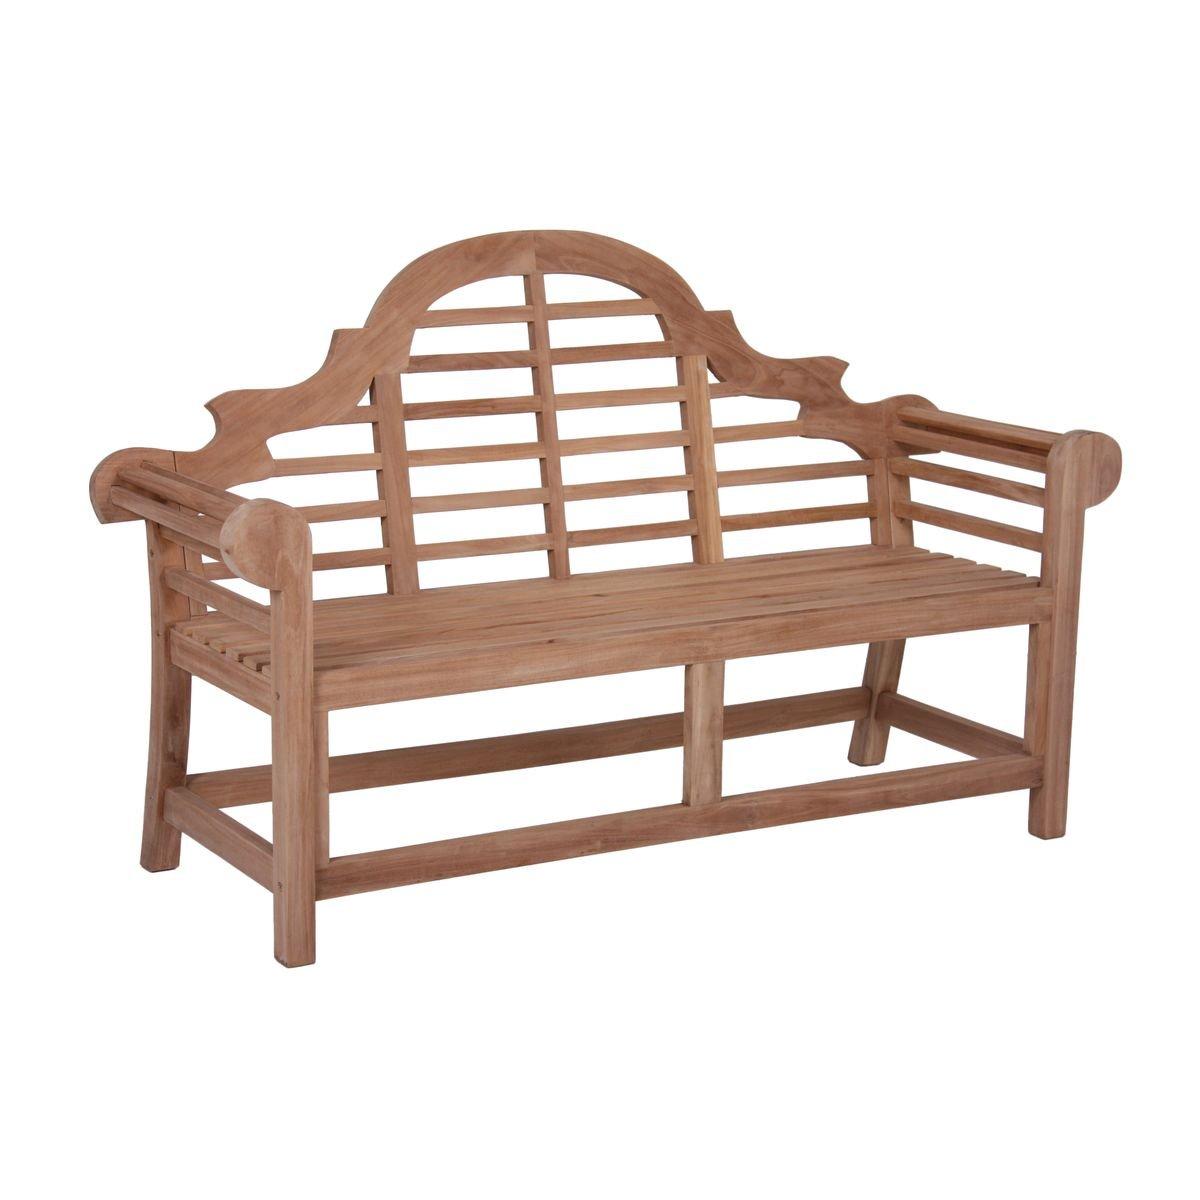 3 sitzer gartenbank aus unbehandeltem teak sitzbank parkbank holzbank online bestellen. Black Bedroom Furniture Sets. Home Design Ideas